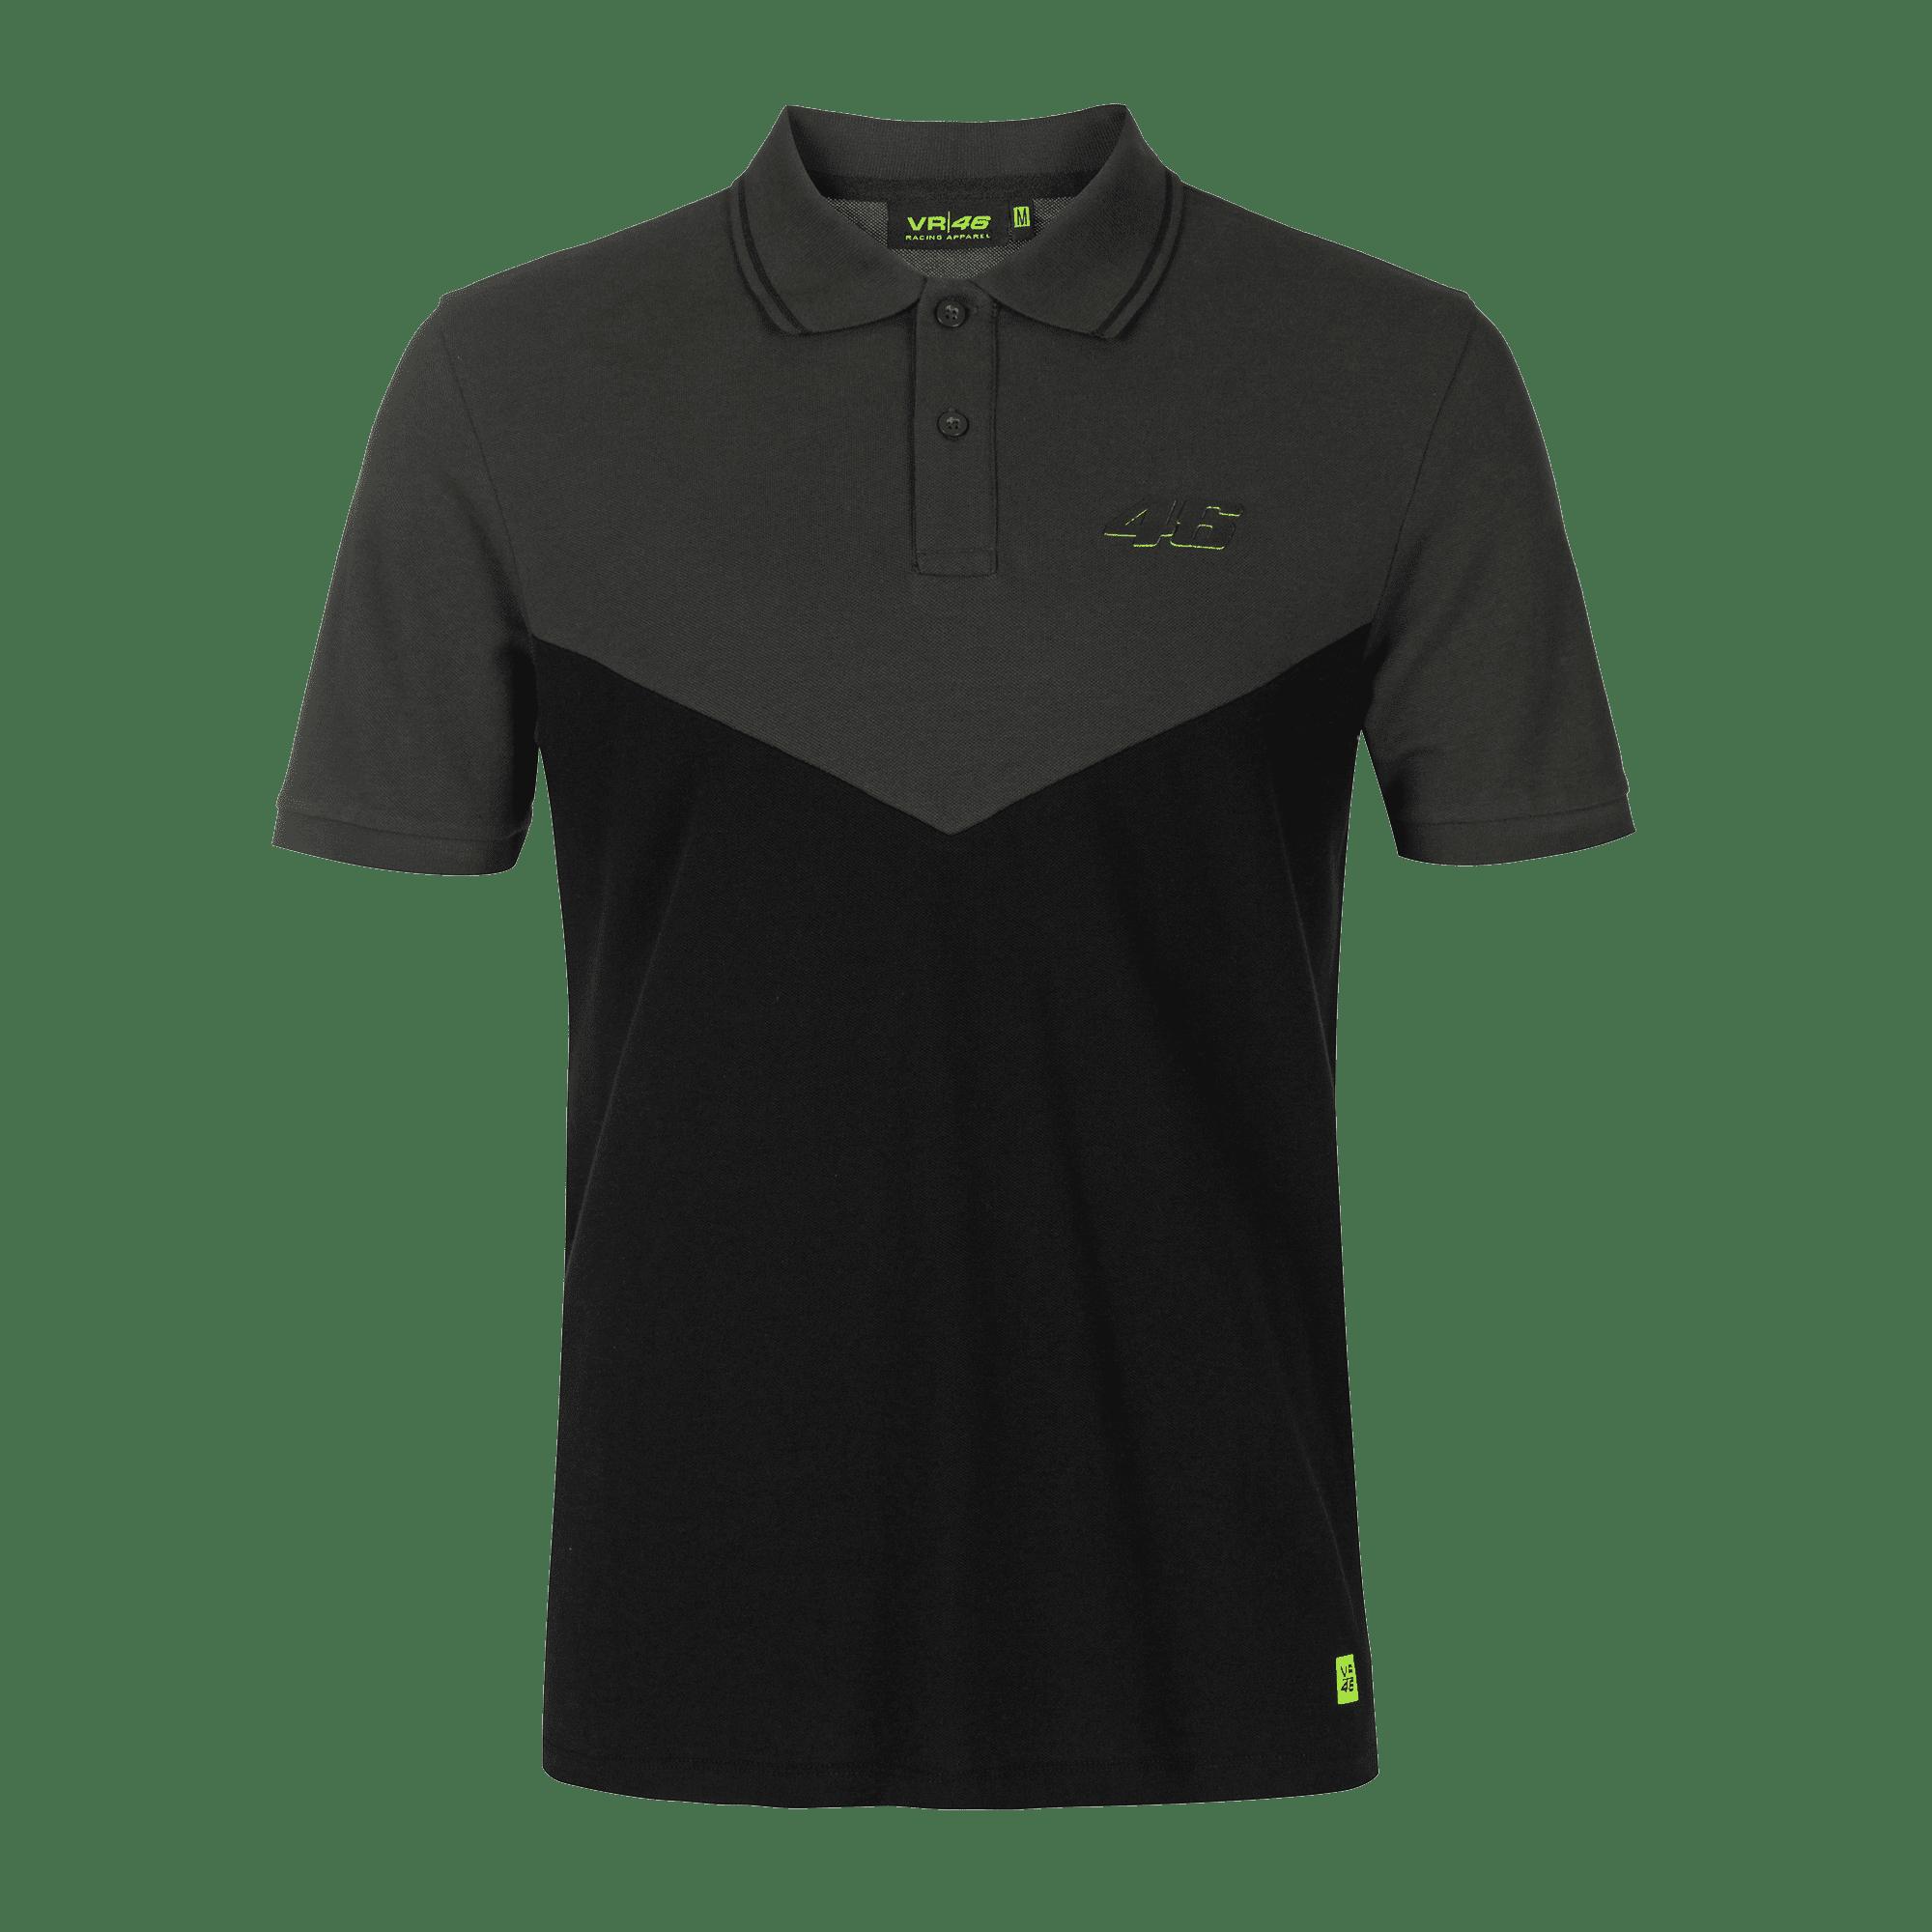 Core 46 polo shirt